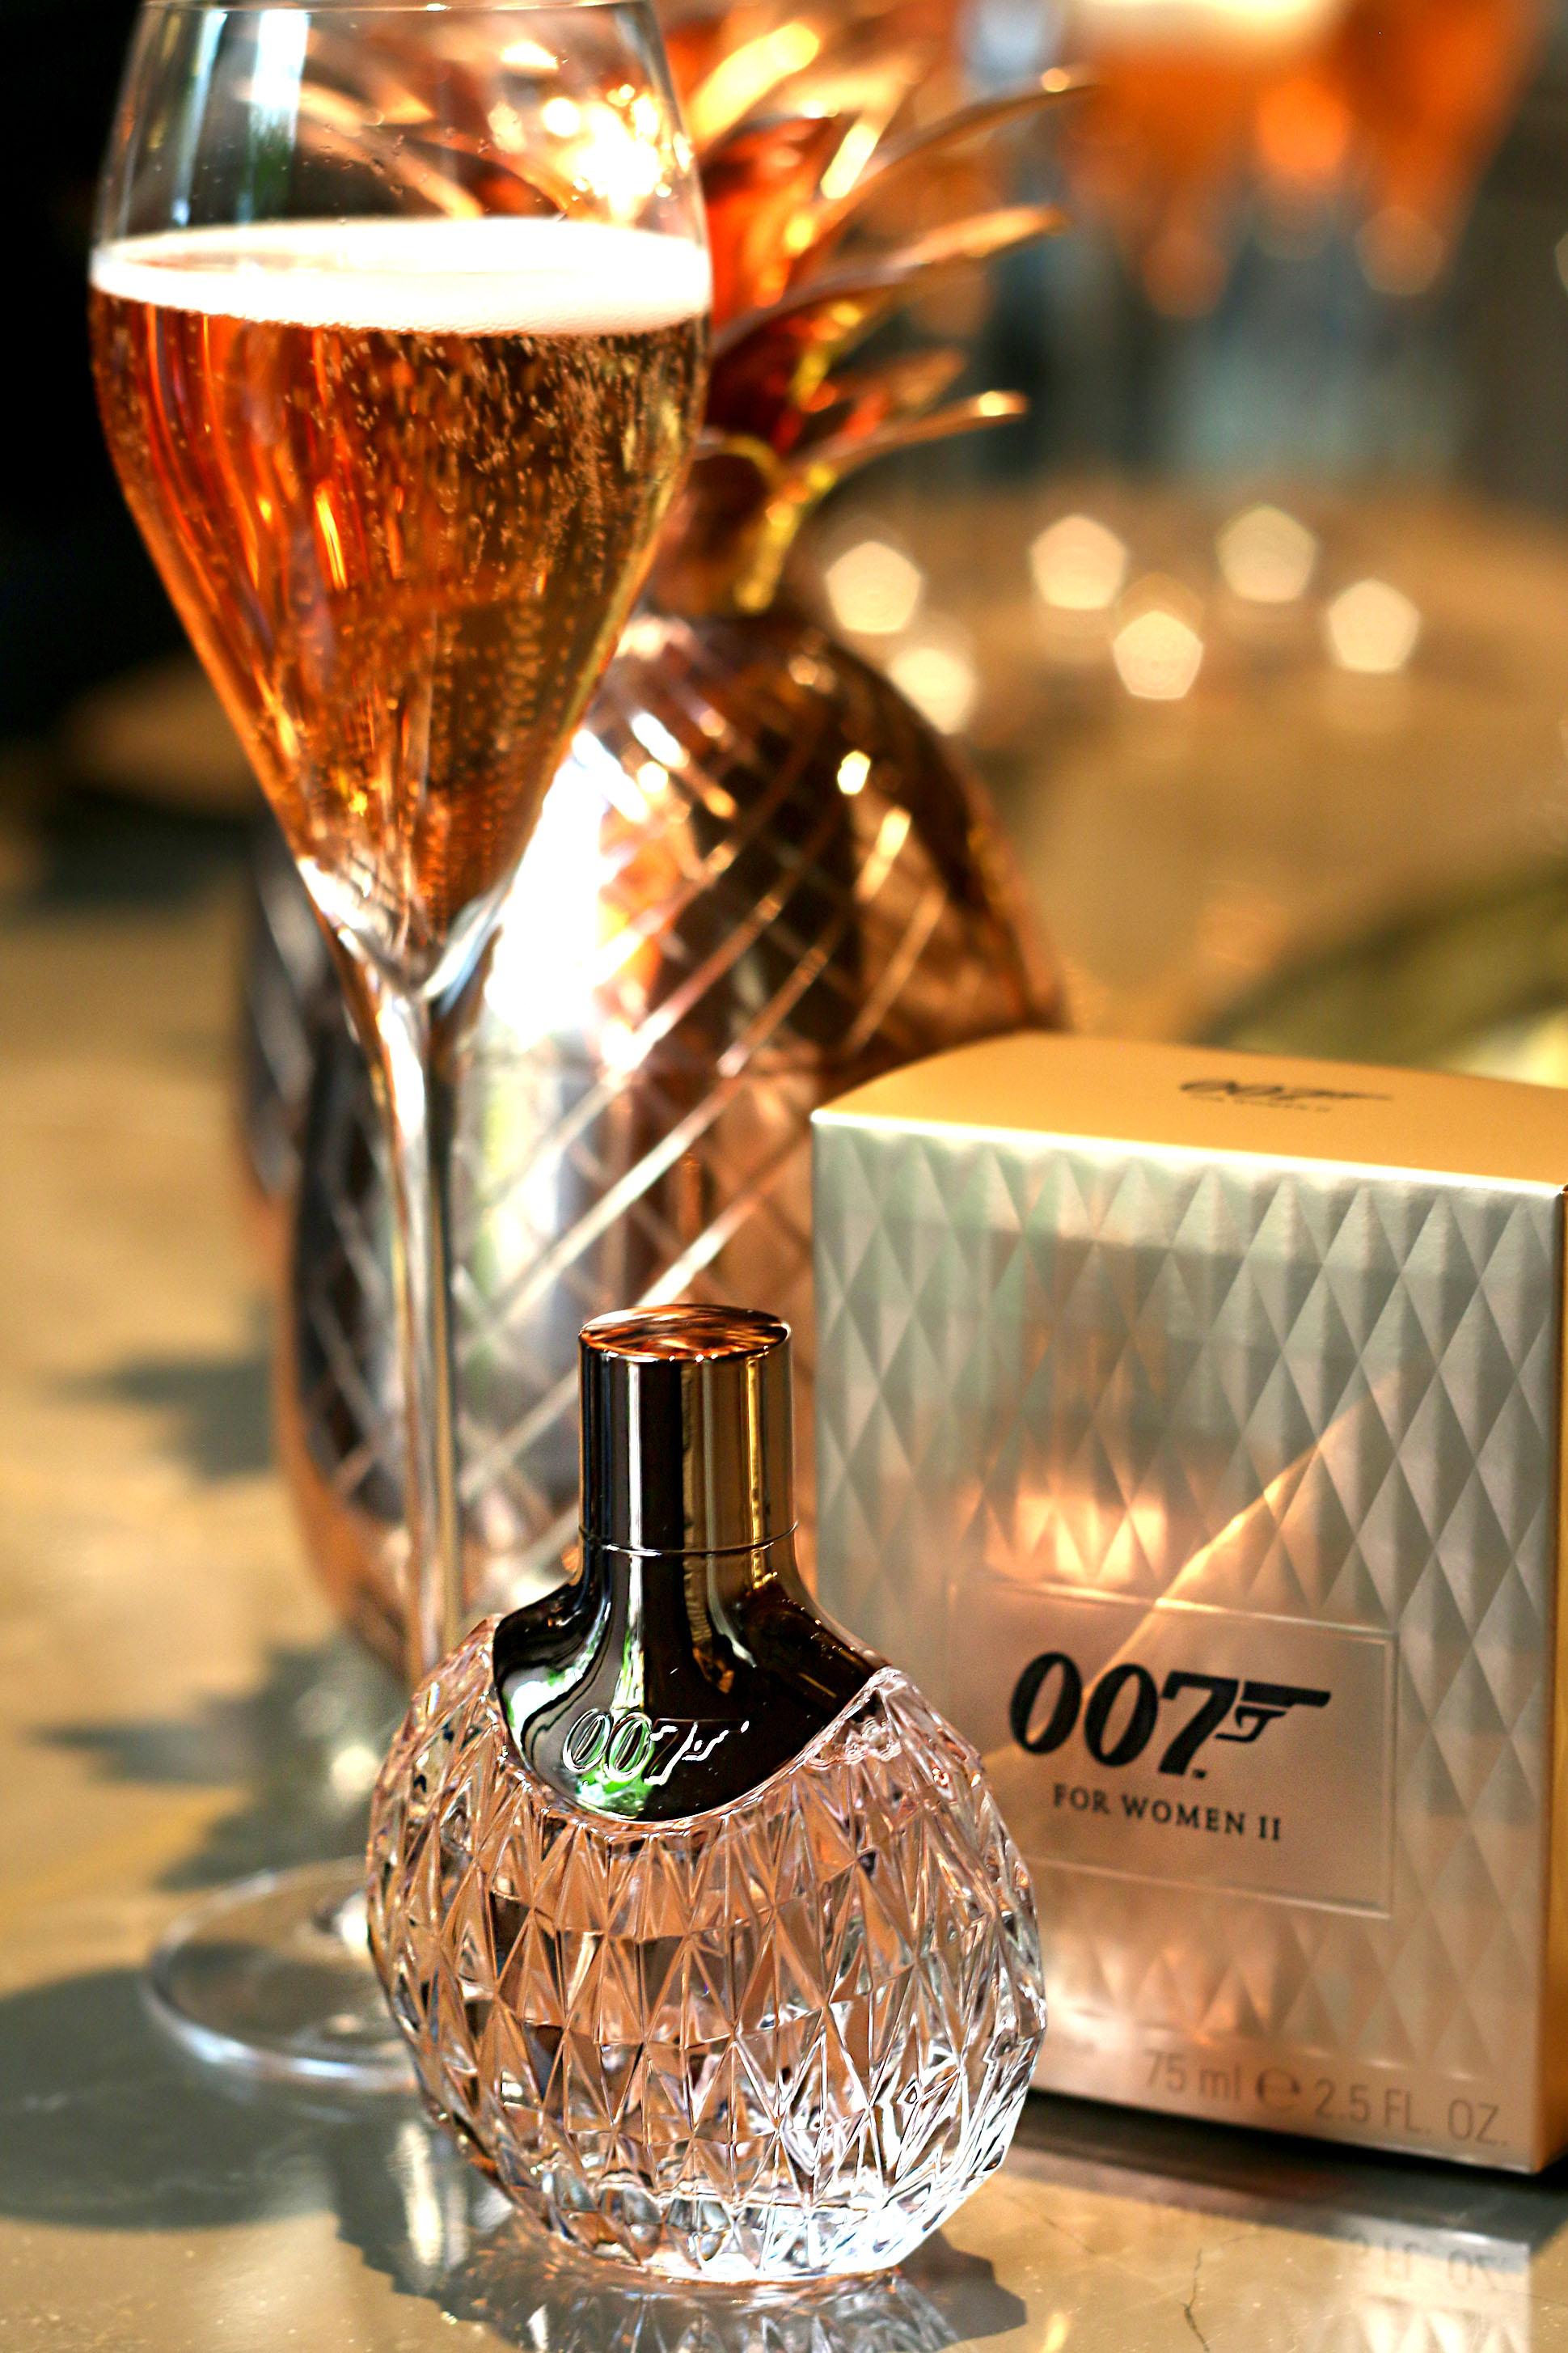 Duft James Bond 007 For Women II 5